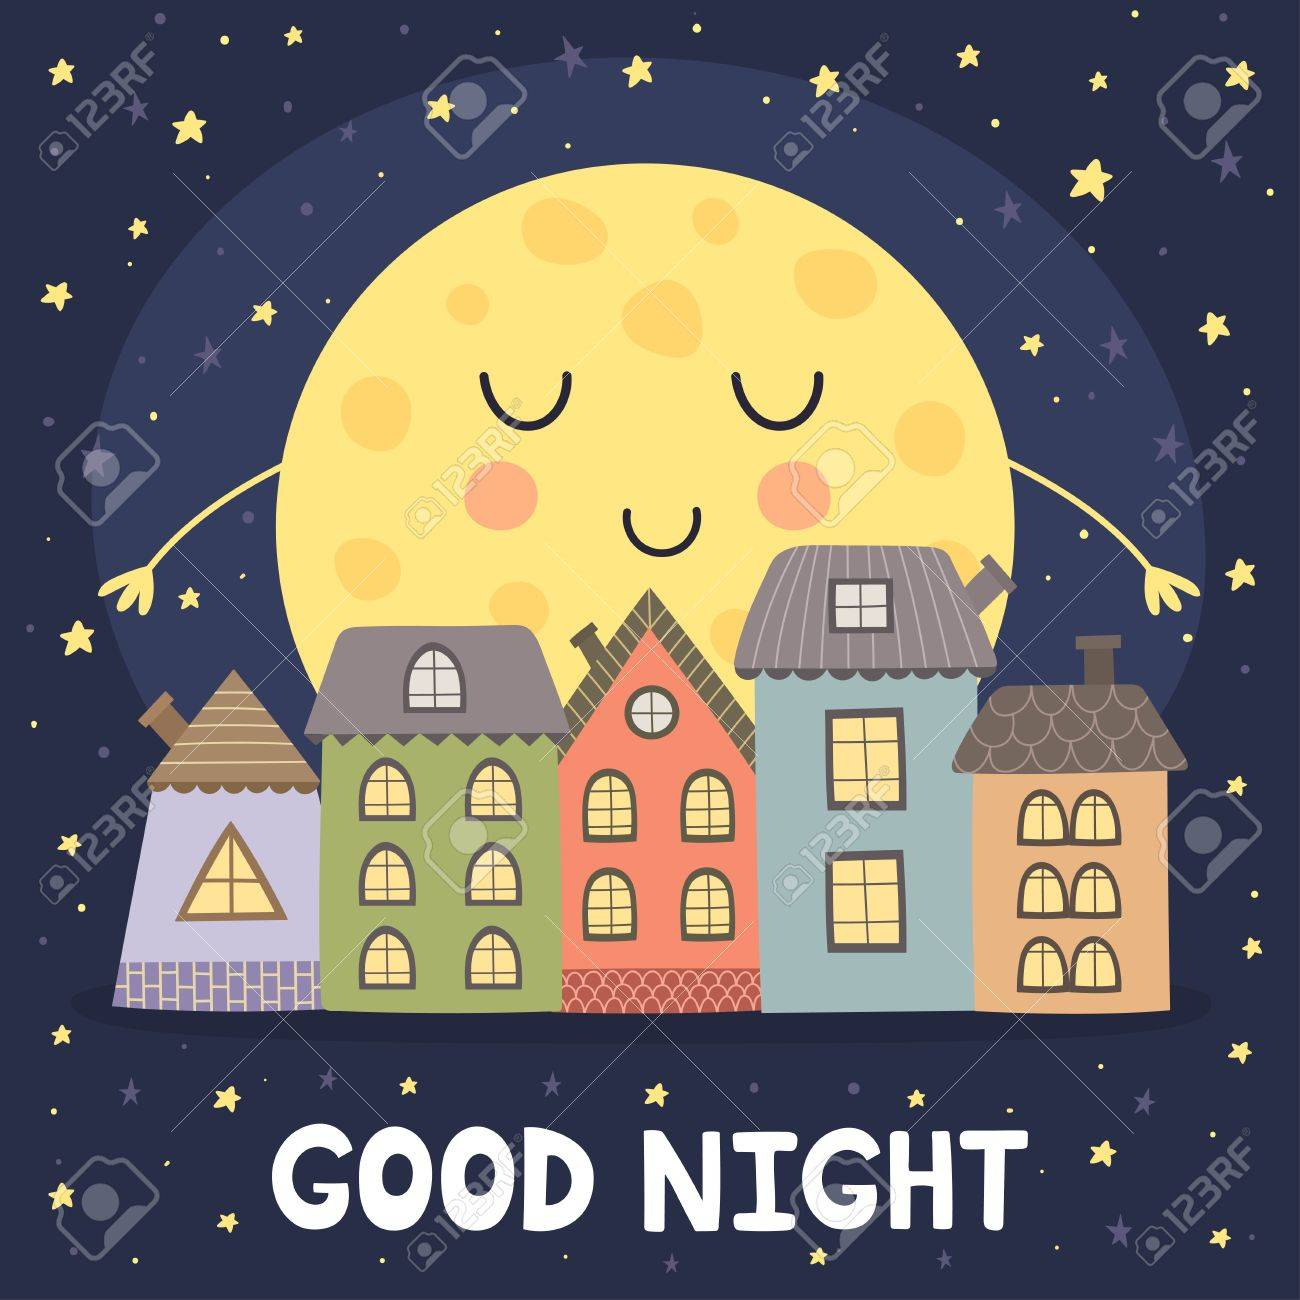 Carta Di Buona Notte Con La Luna Addormentata E Paesaggio Della Città Del Fumetto Illustrazione Vettoriale